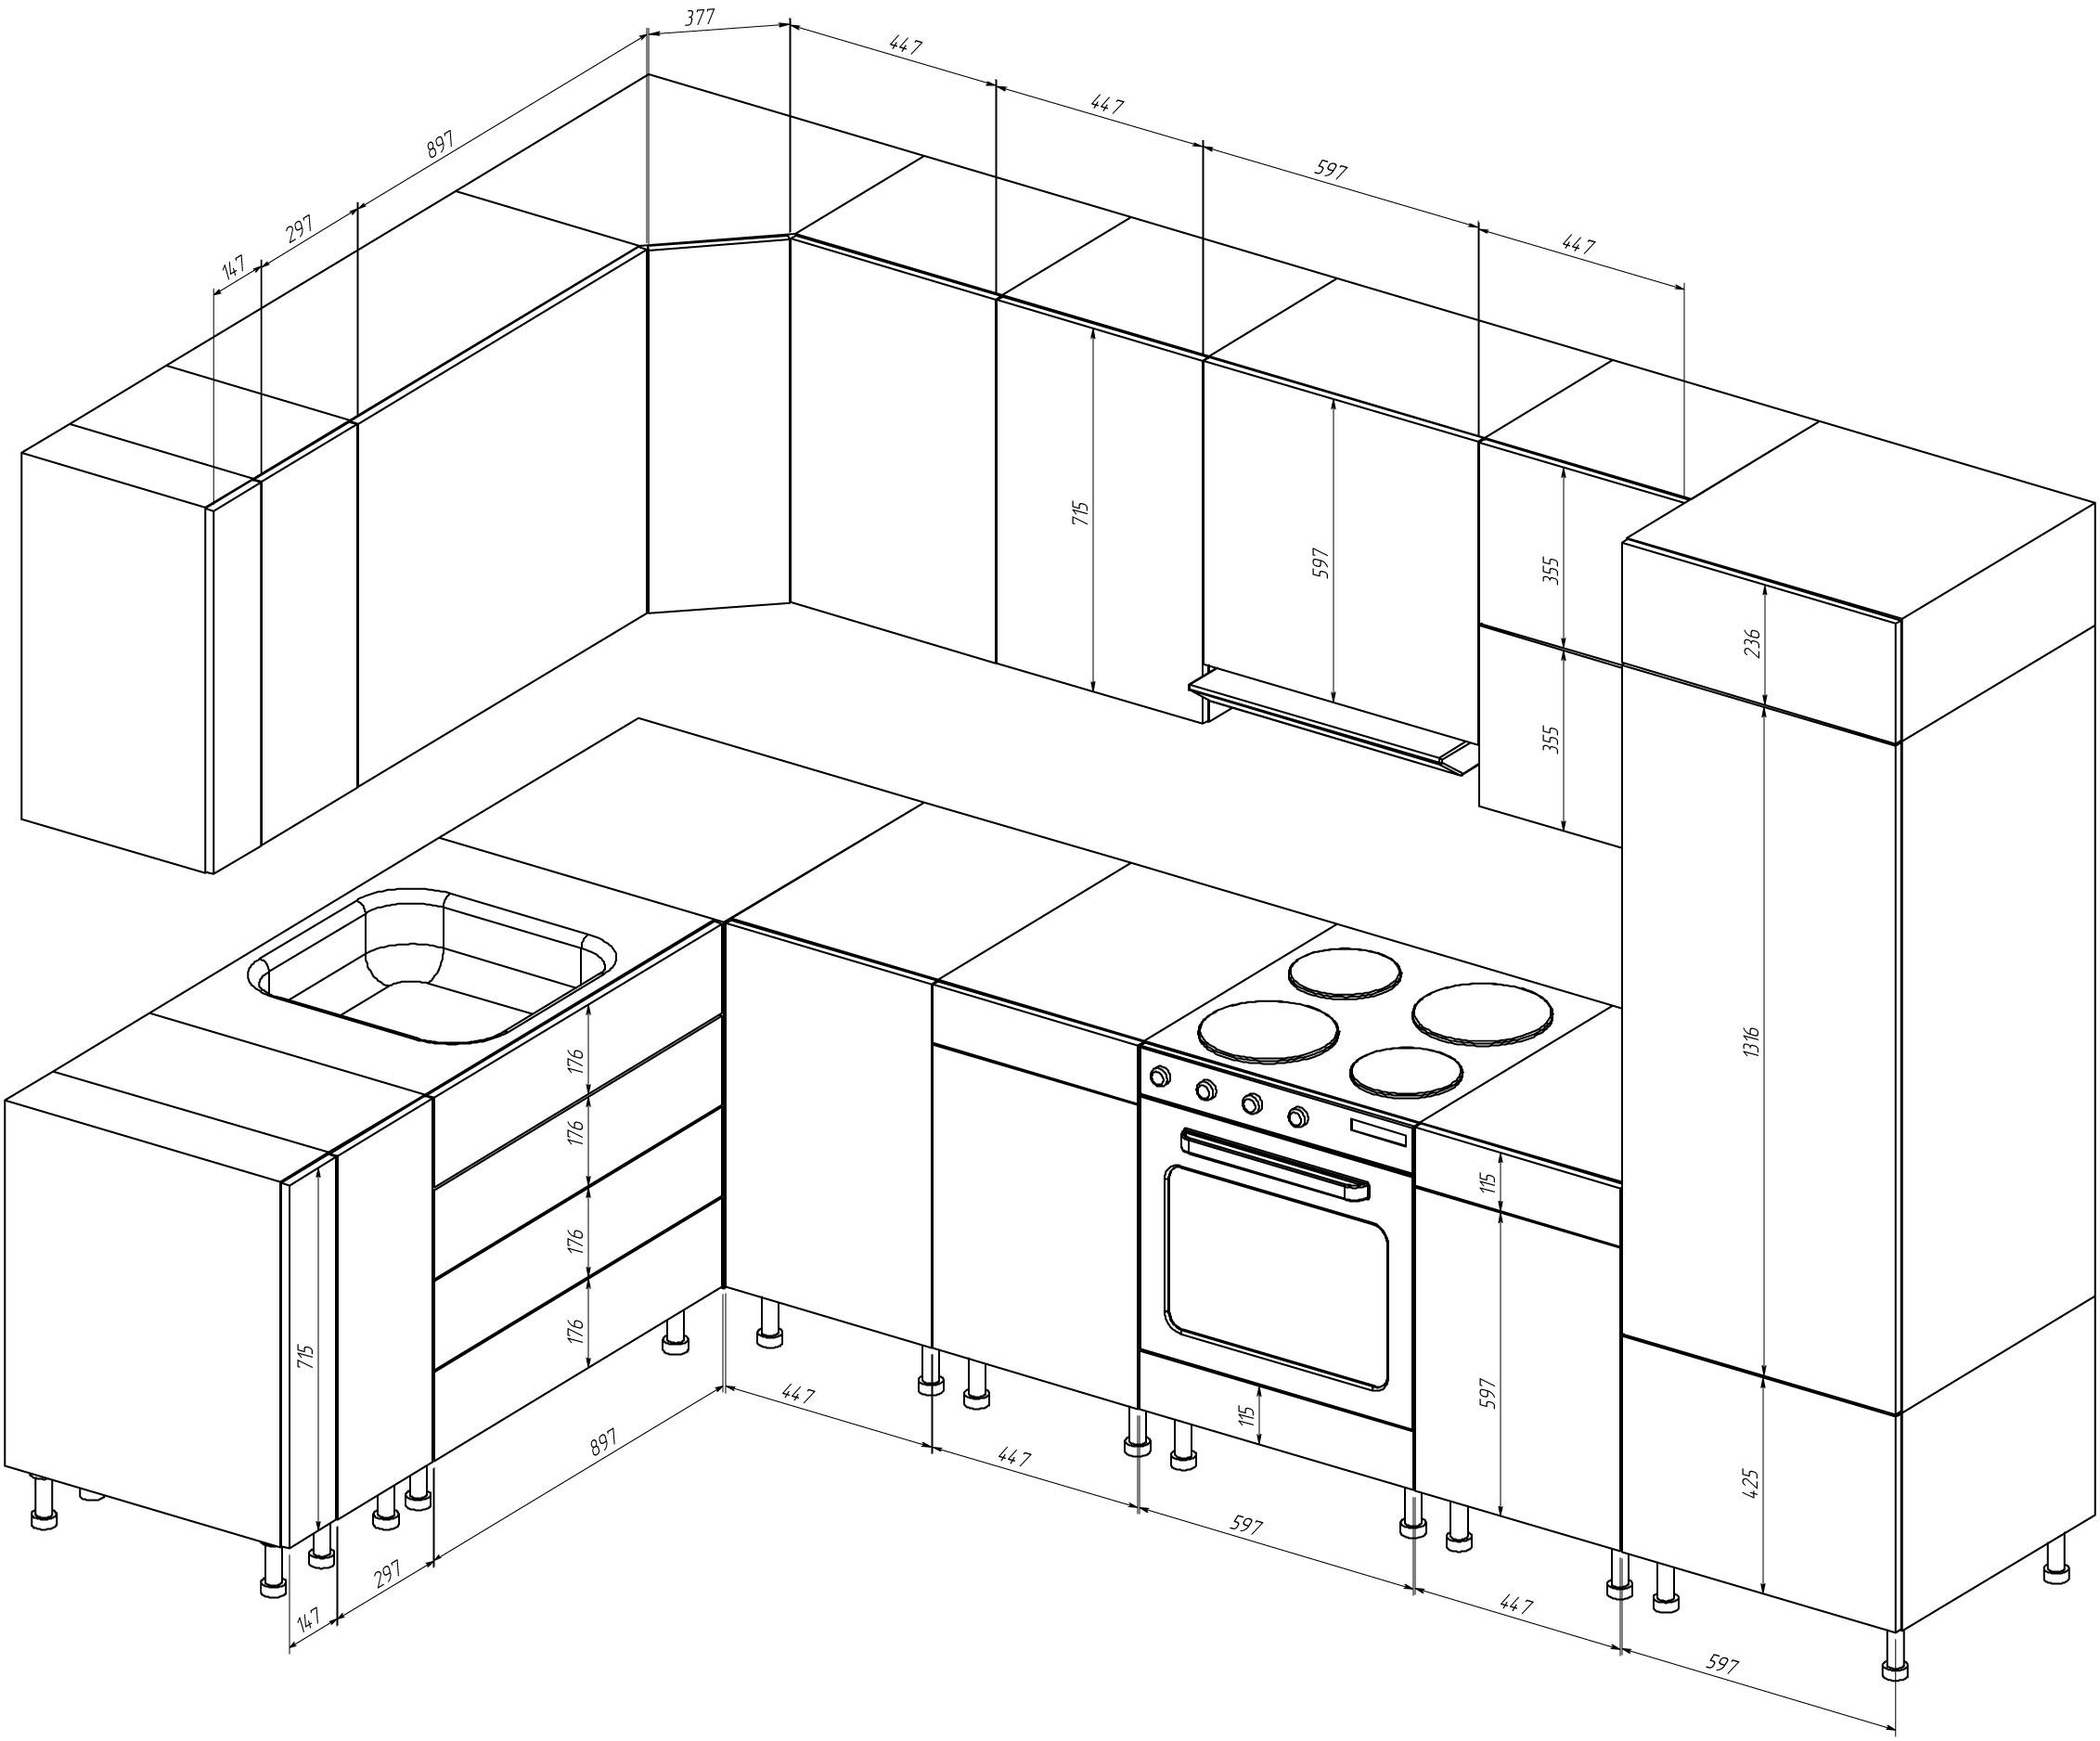 Кухонные шкафы своими руками чертежи и схемы